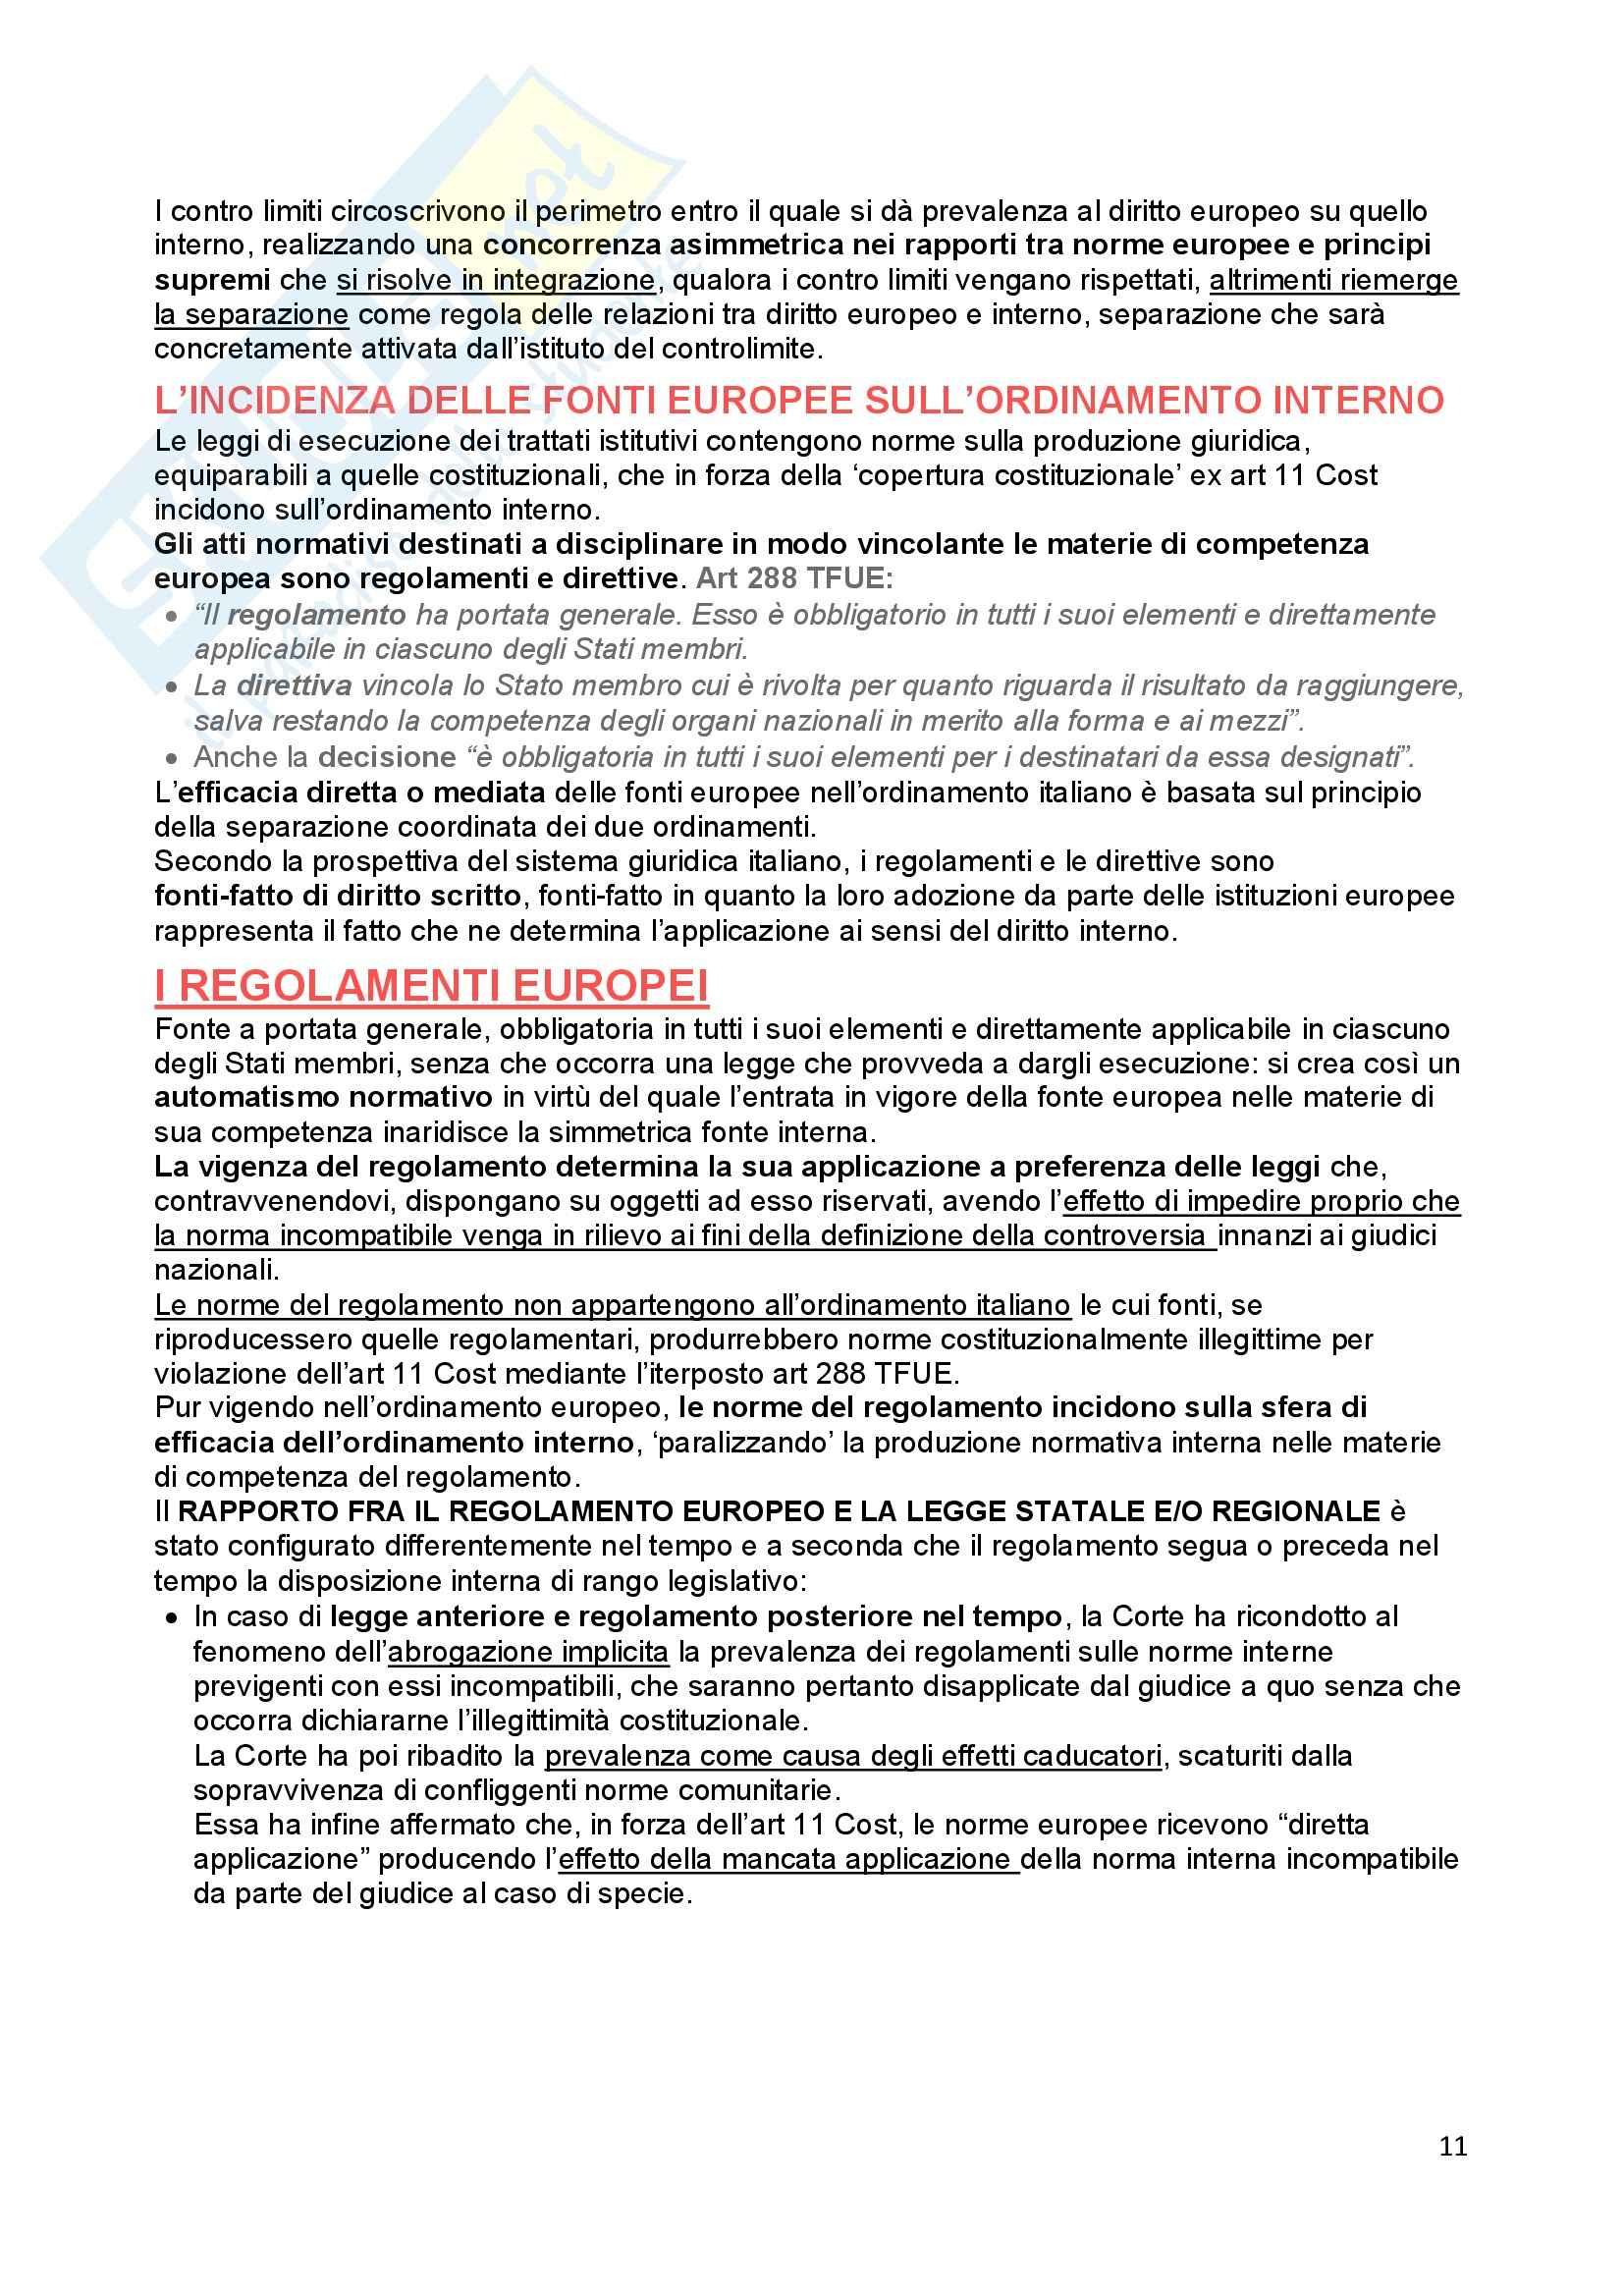 Riassunto esame Diritto Costituzionale, prof. Ferri, libro consigliato Fonti dell'ordinamento repubblicano, Pedrazza Gorlero Pag. 11